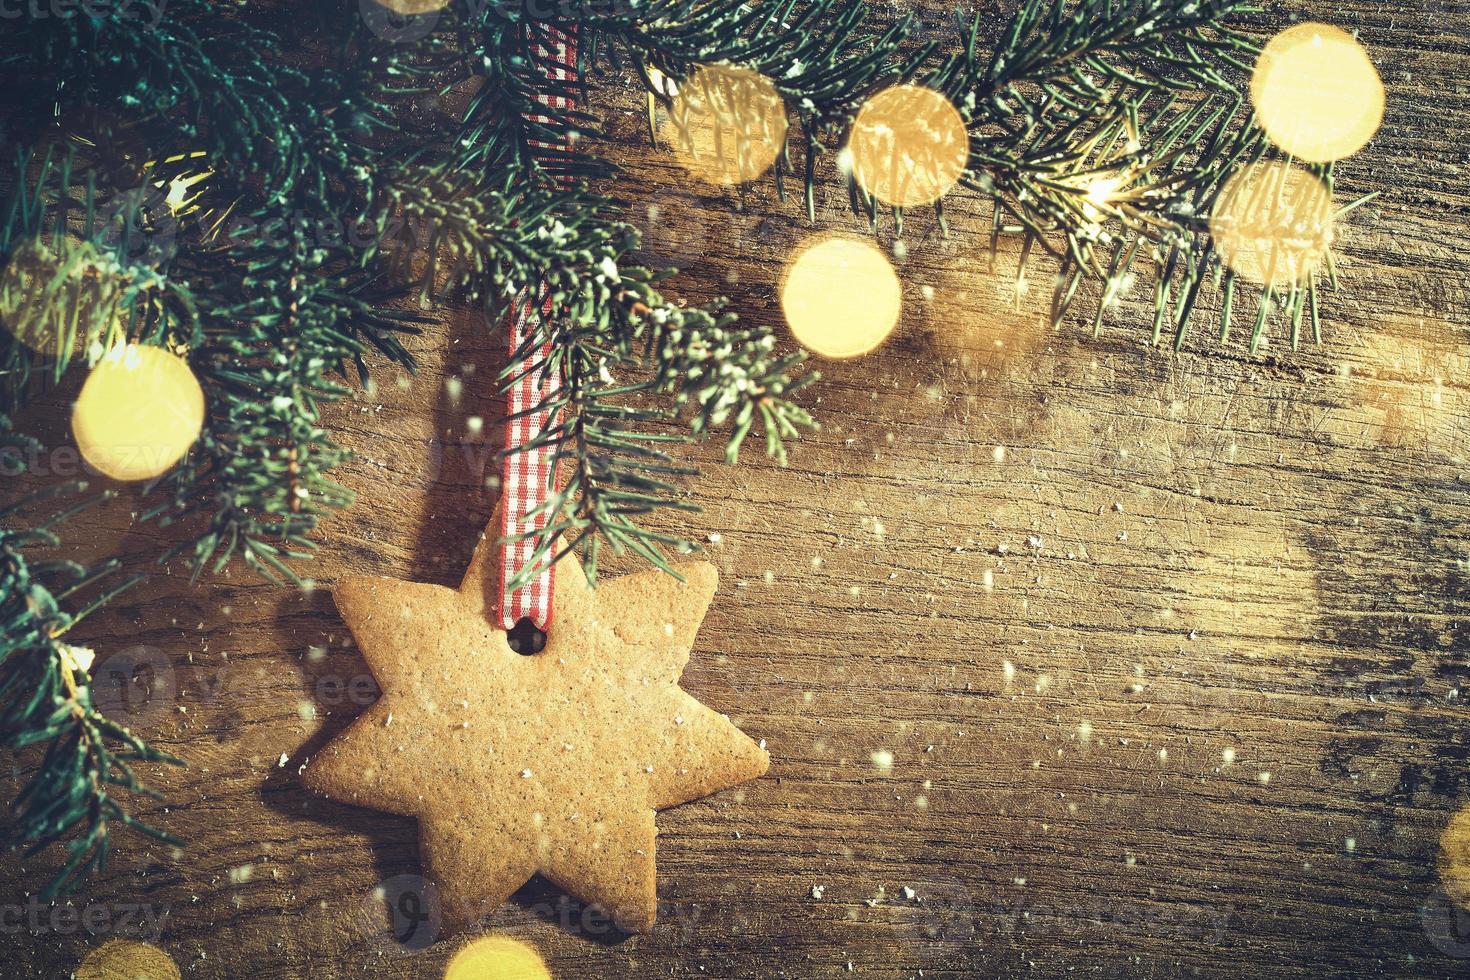 decoração de férias de inverno foto